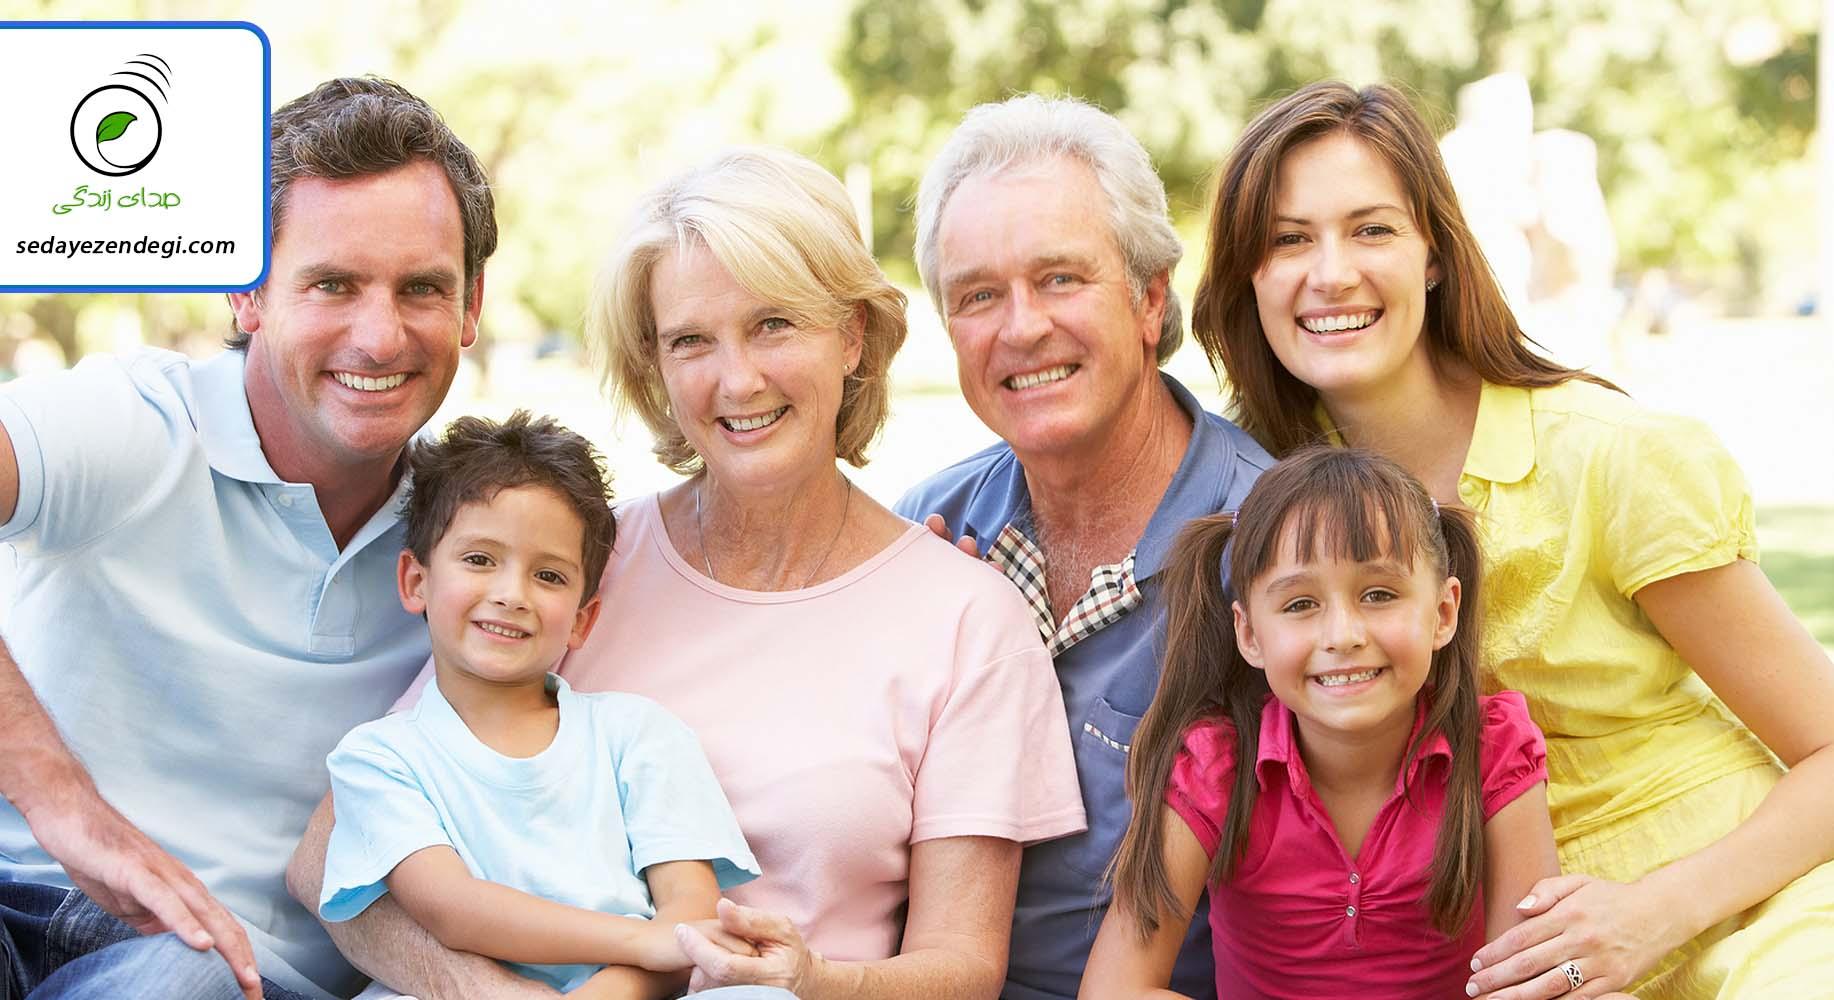 مدیریت روابط در خانواده